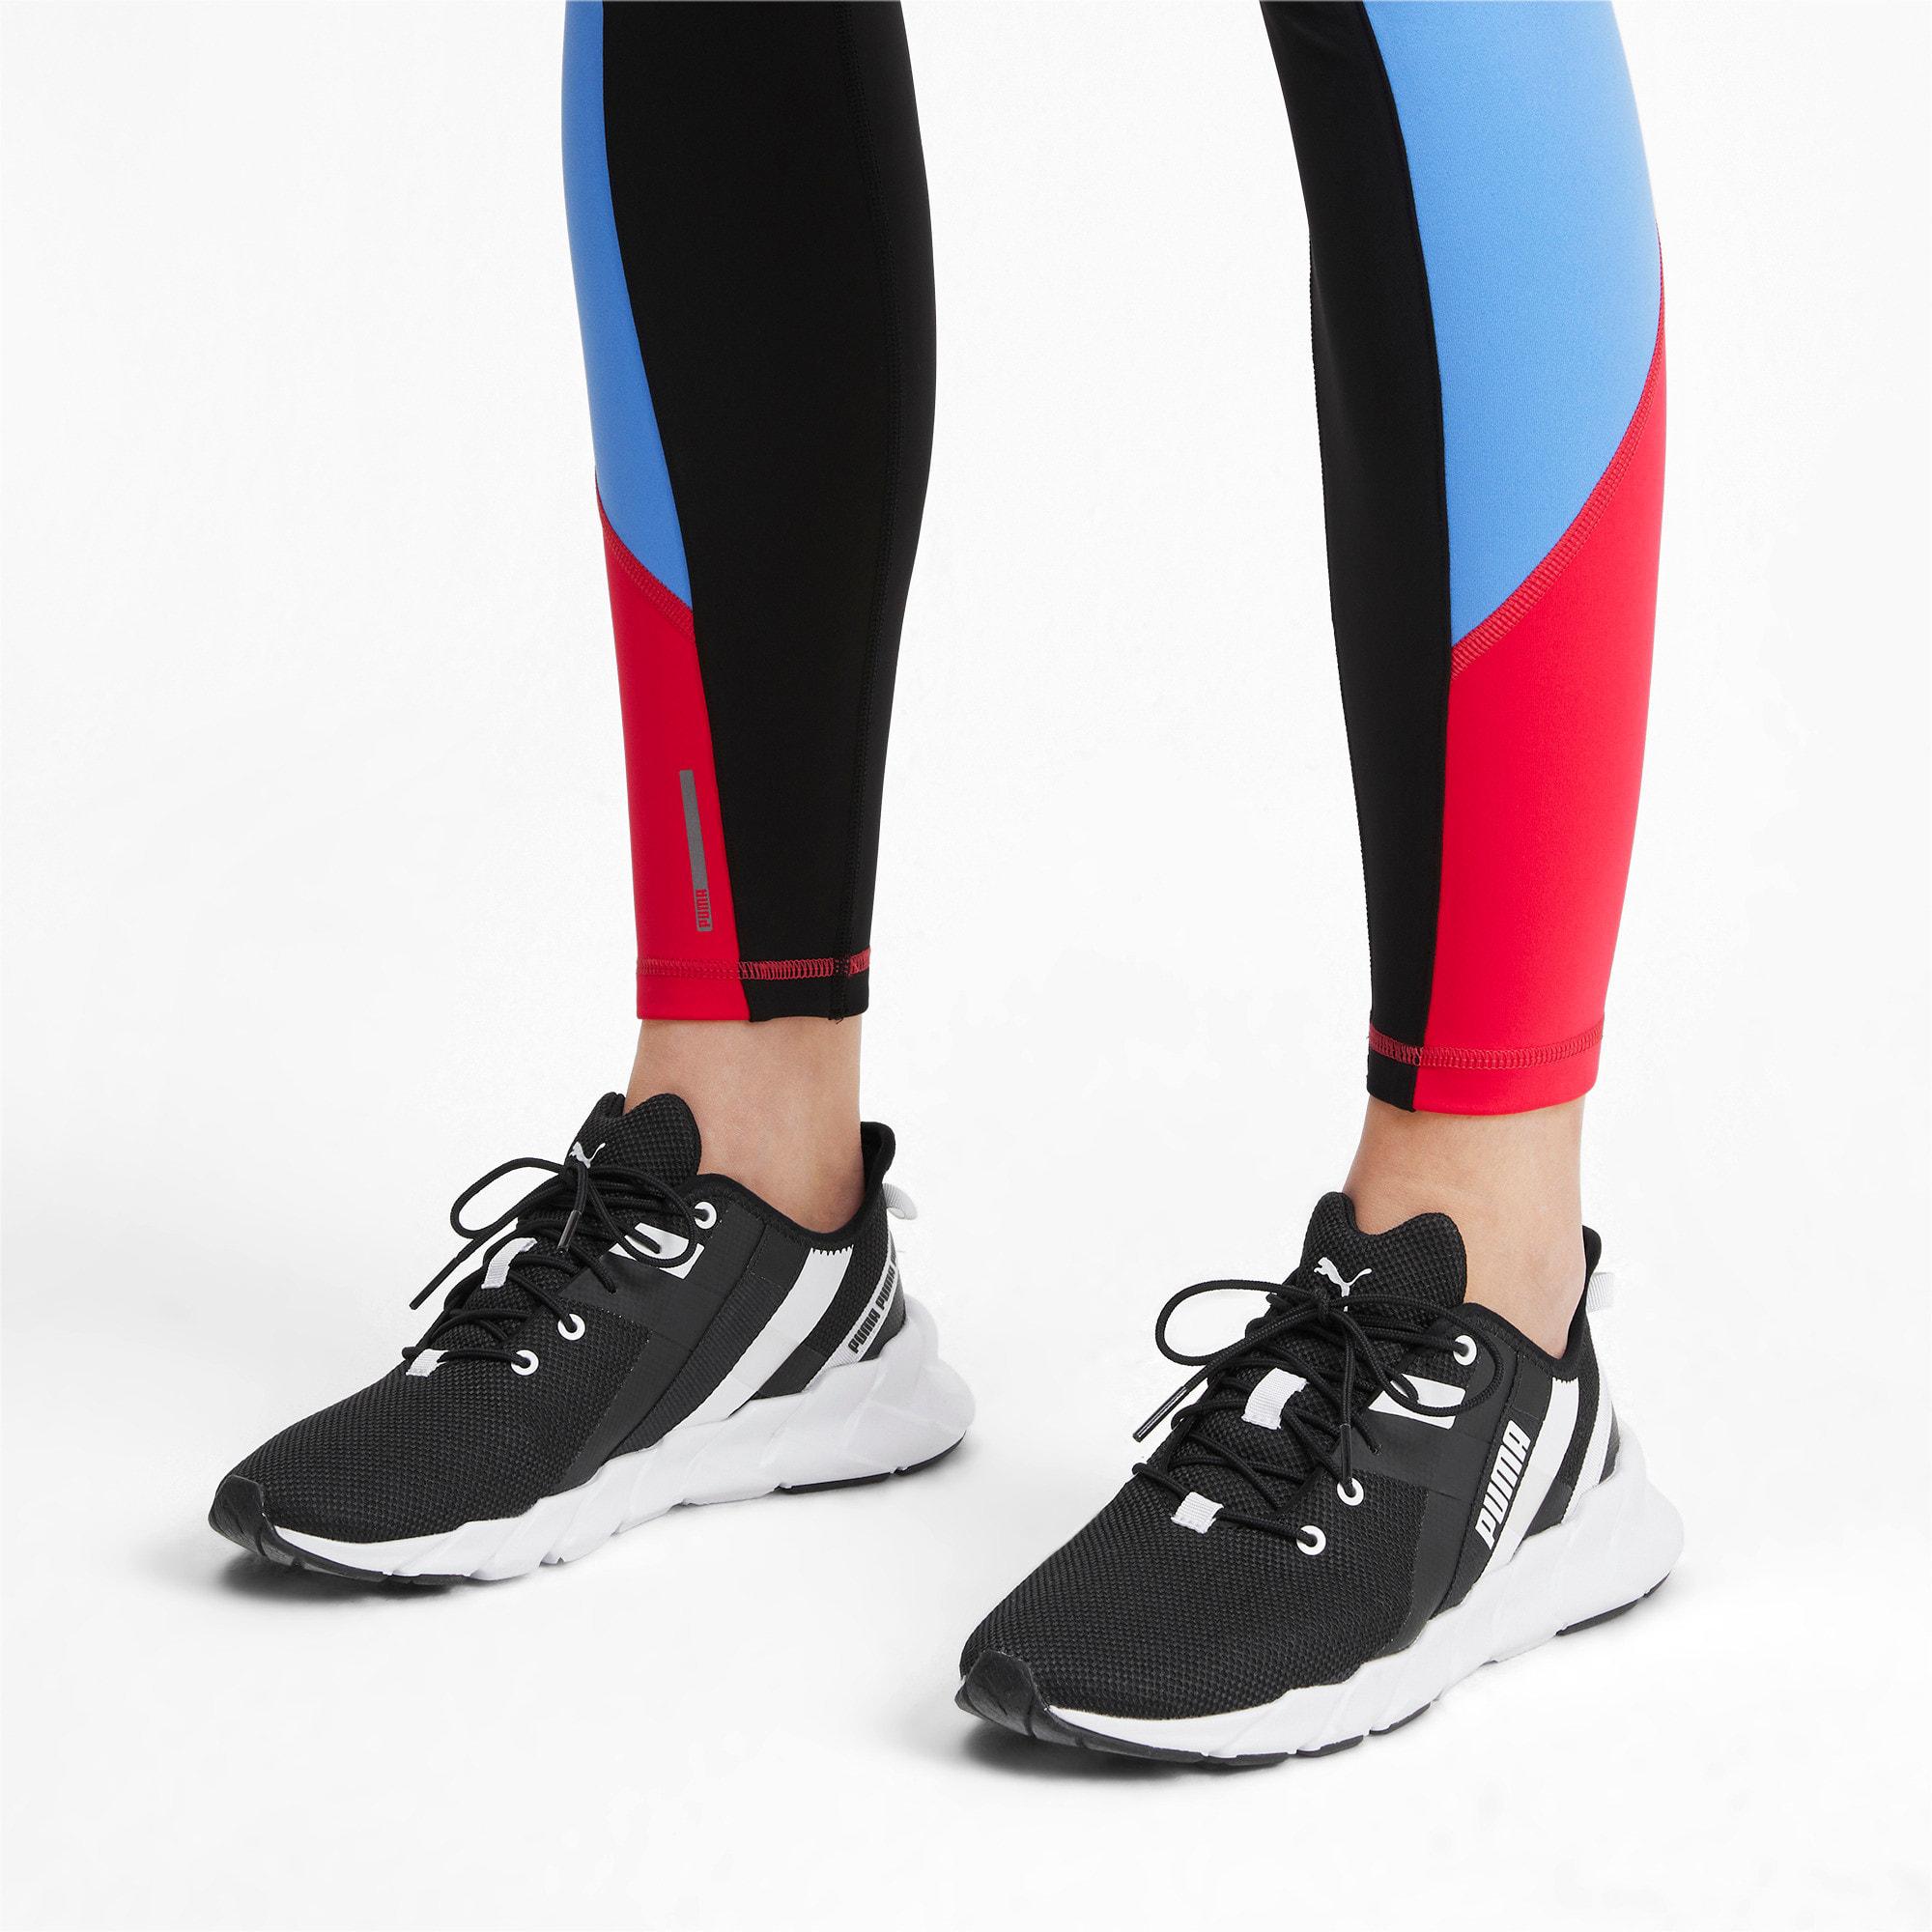 Miniatura 2 de Zapatos de entrenamiento Weave XT para mujer, Puma Black-Puma White, mediano